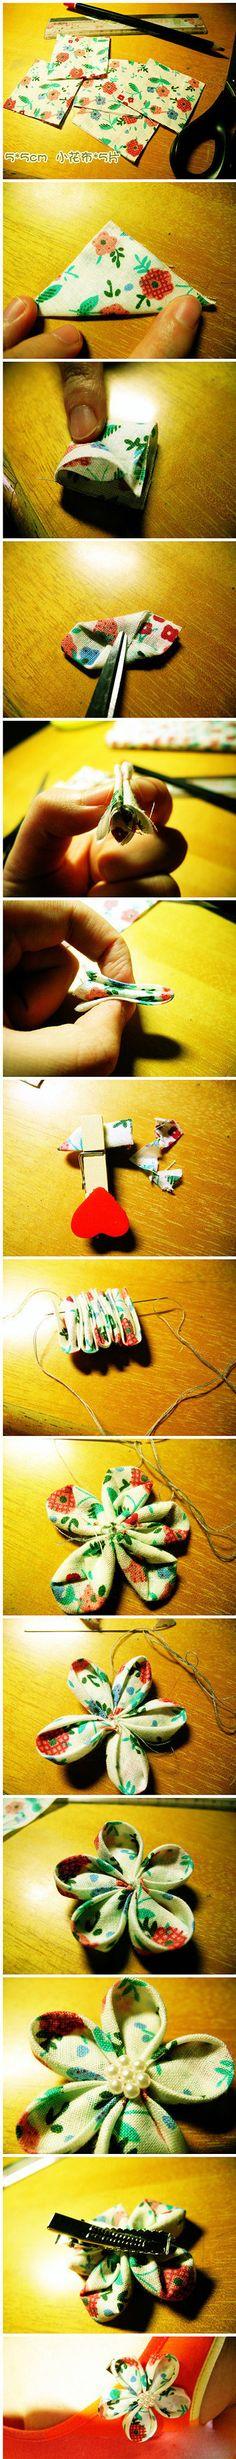 DIY Hair Bow diy craft crafts craft ideas easy crafts diy ideas easy diy diy hair bow craft accessories hair craft